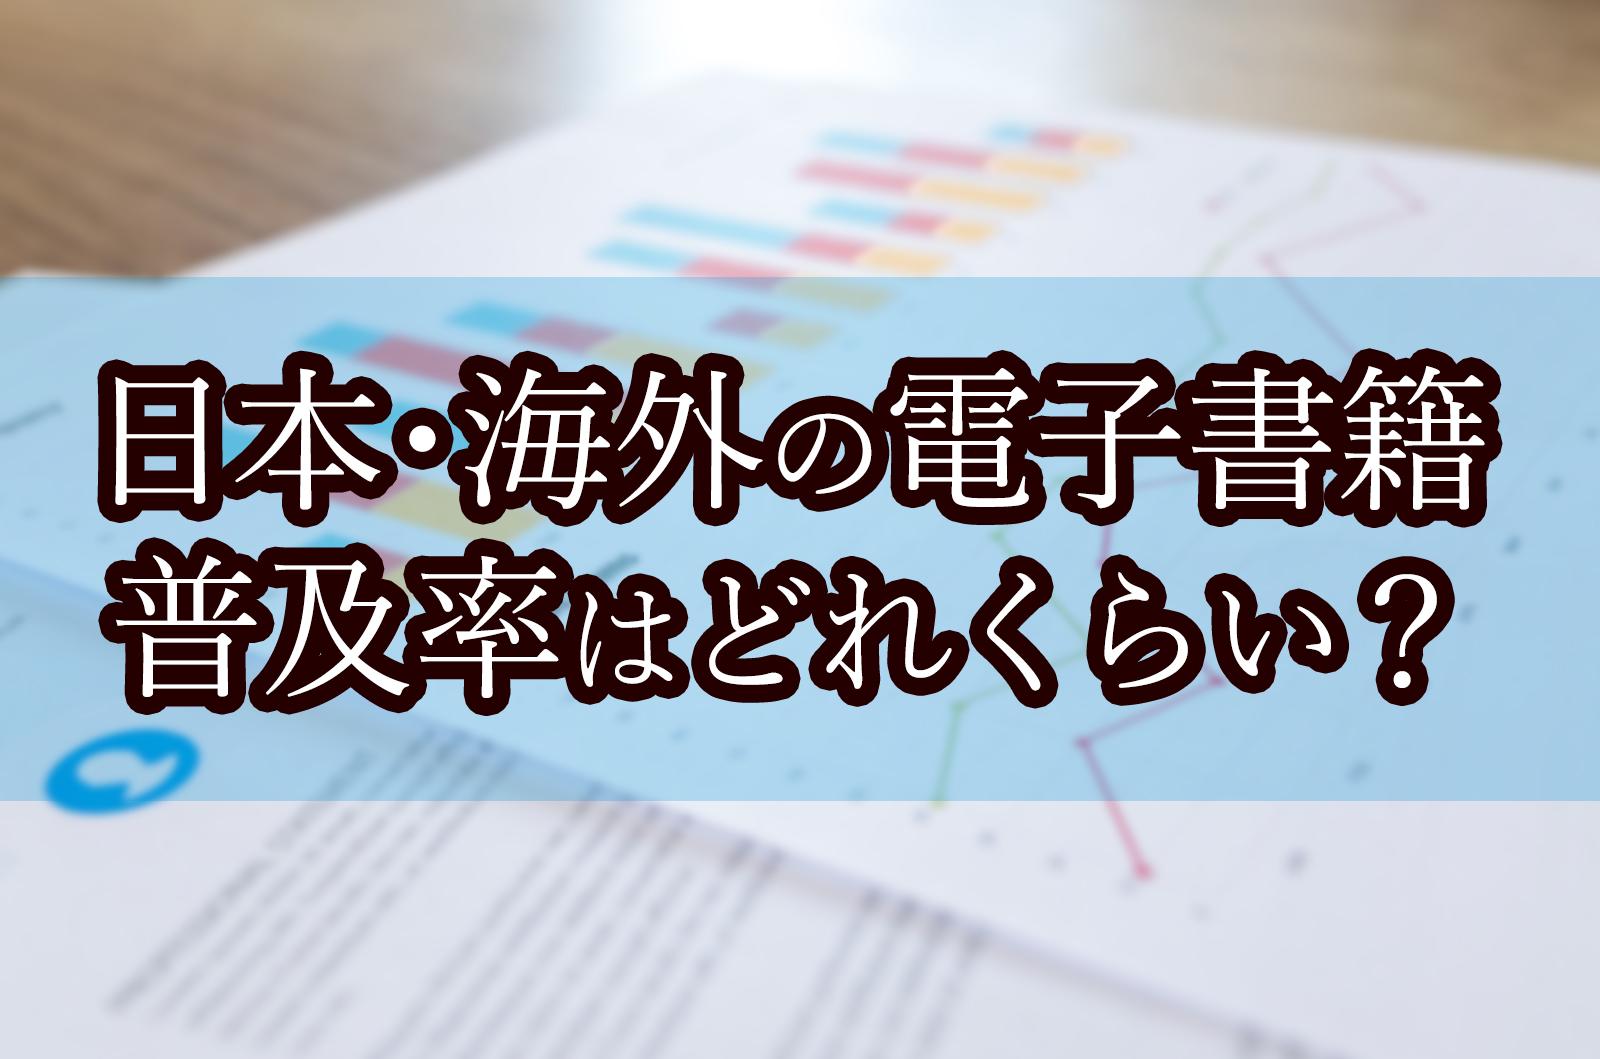 日本・海外の電子書籍普及率はどれくらい?